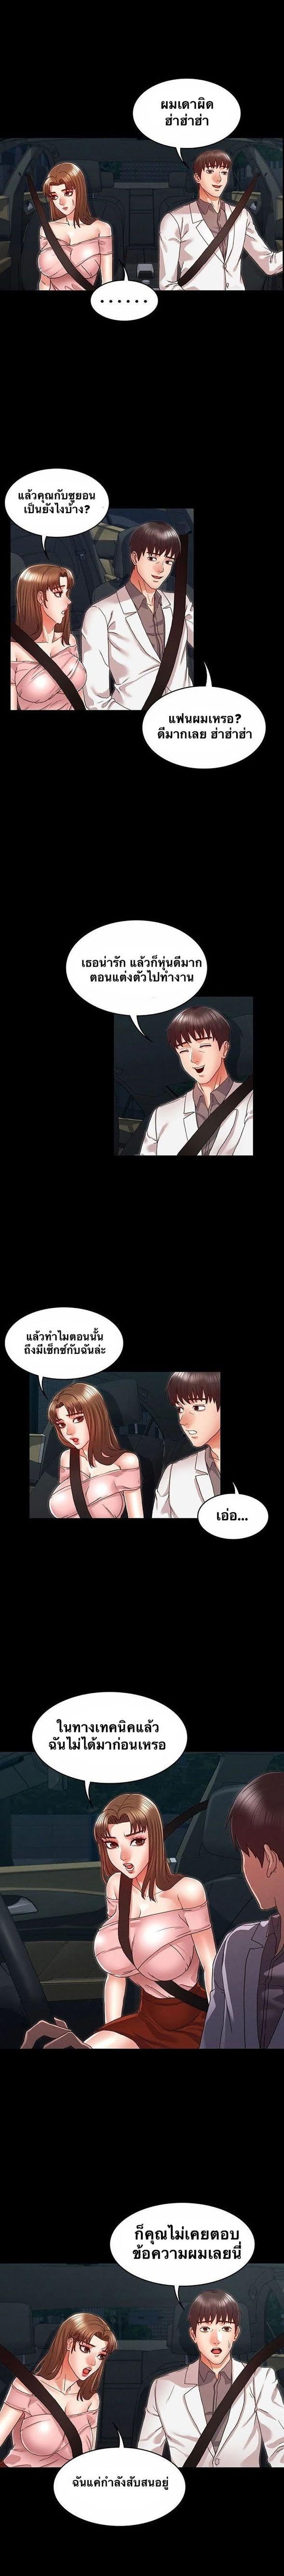 Teacher Punishment - หน้า 6